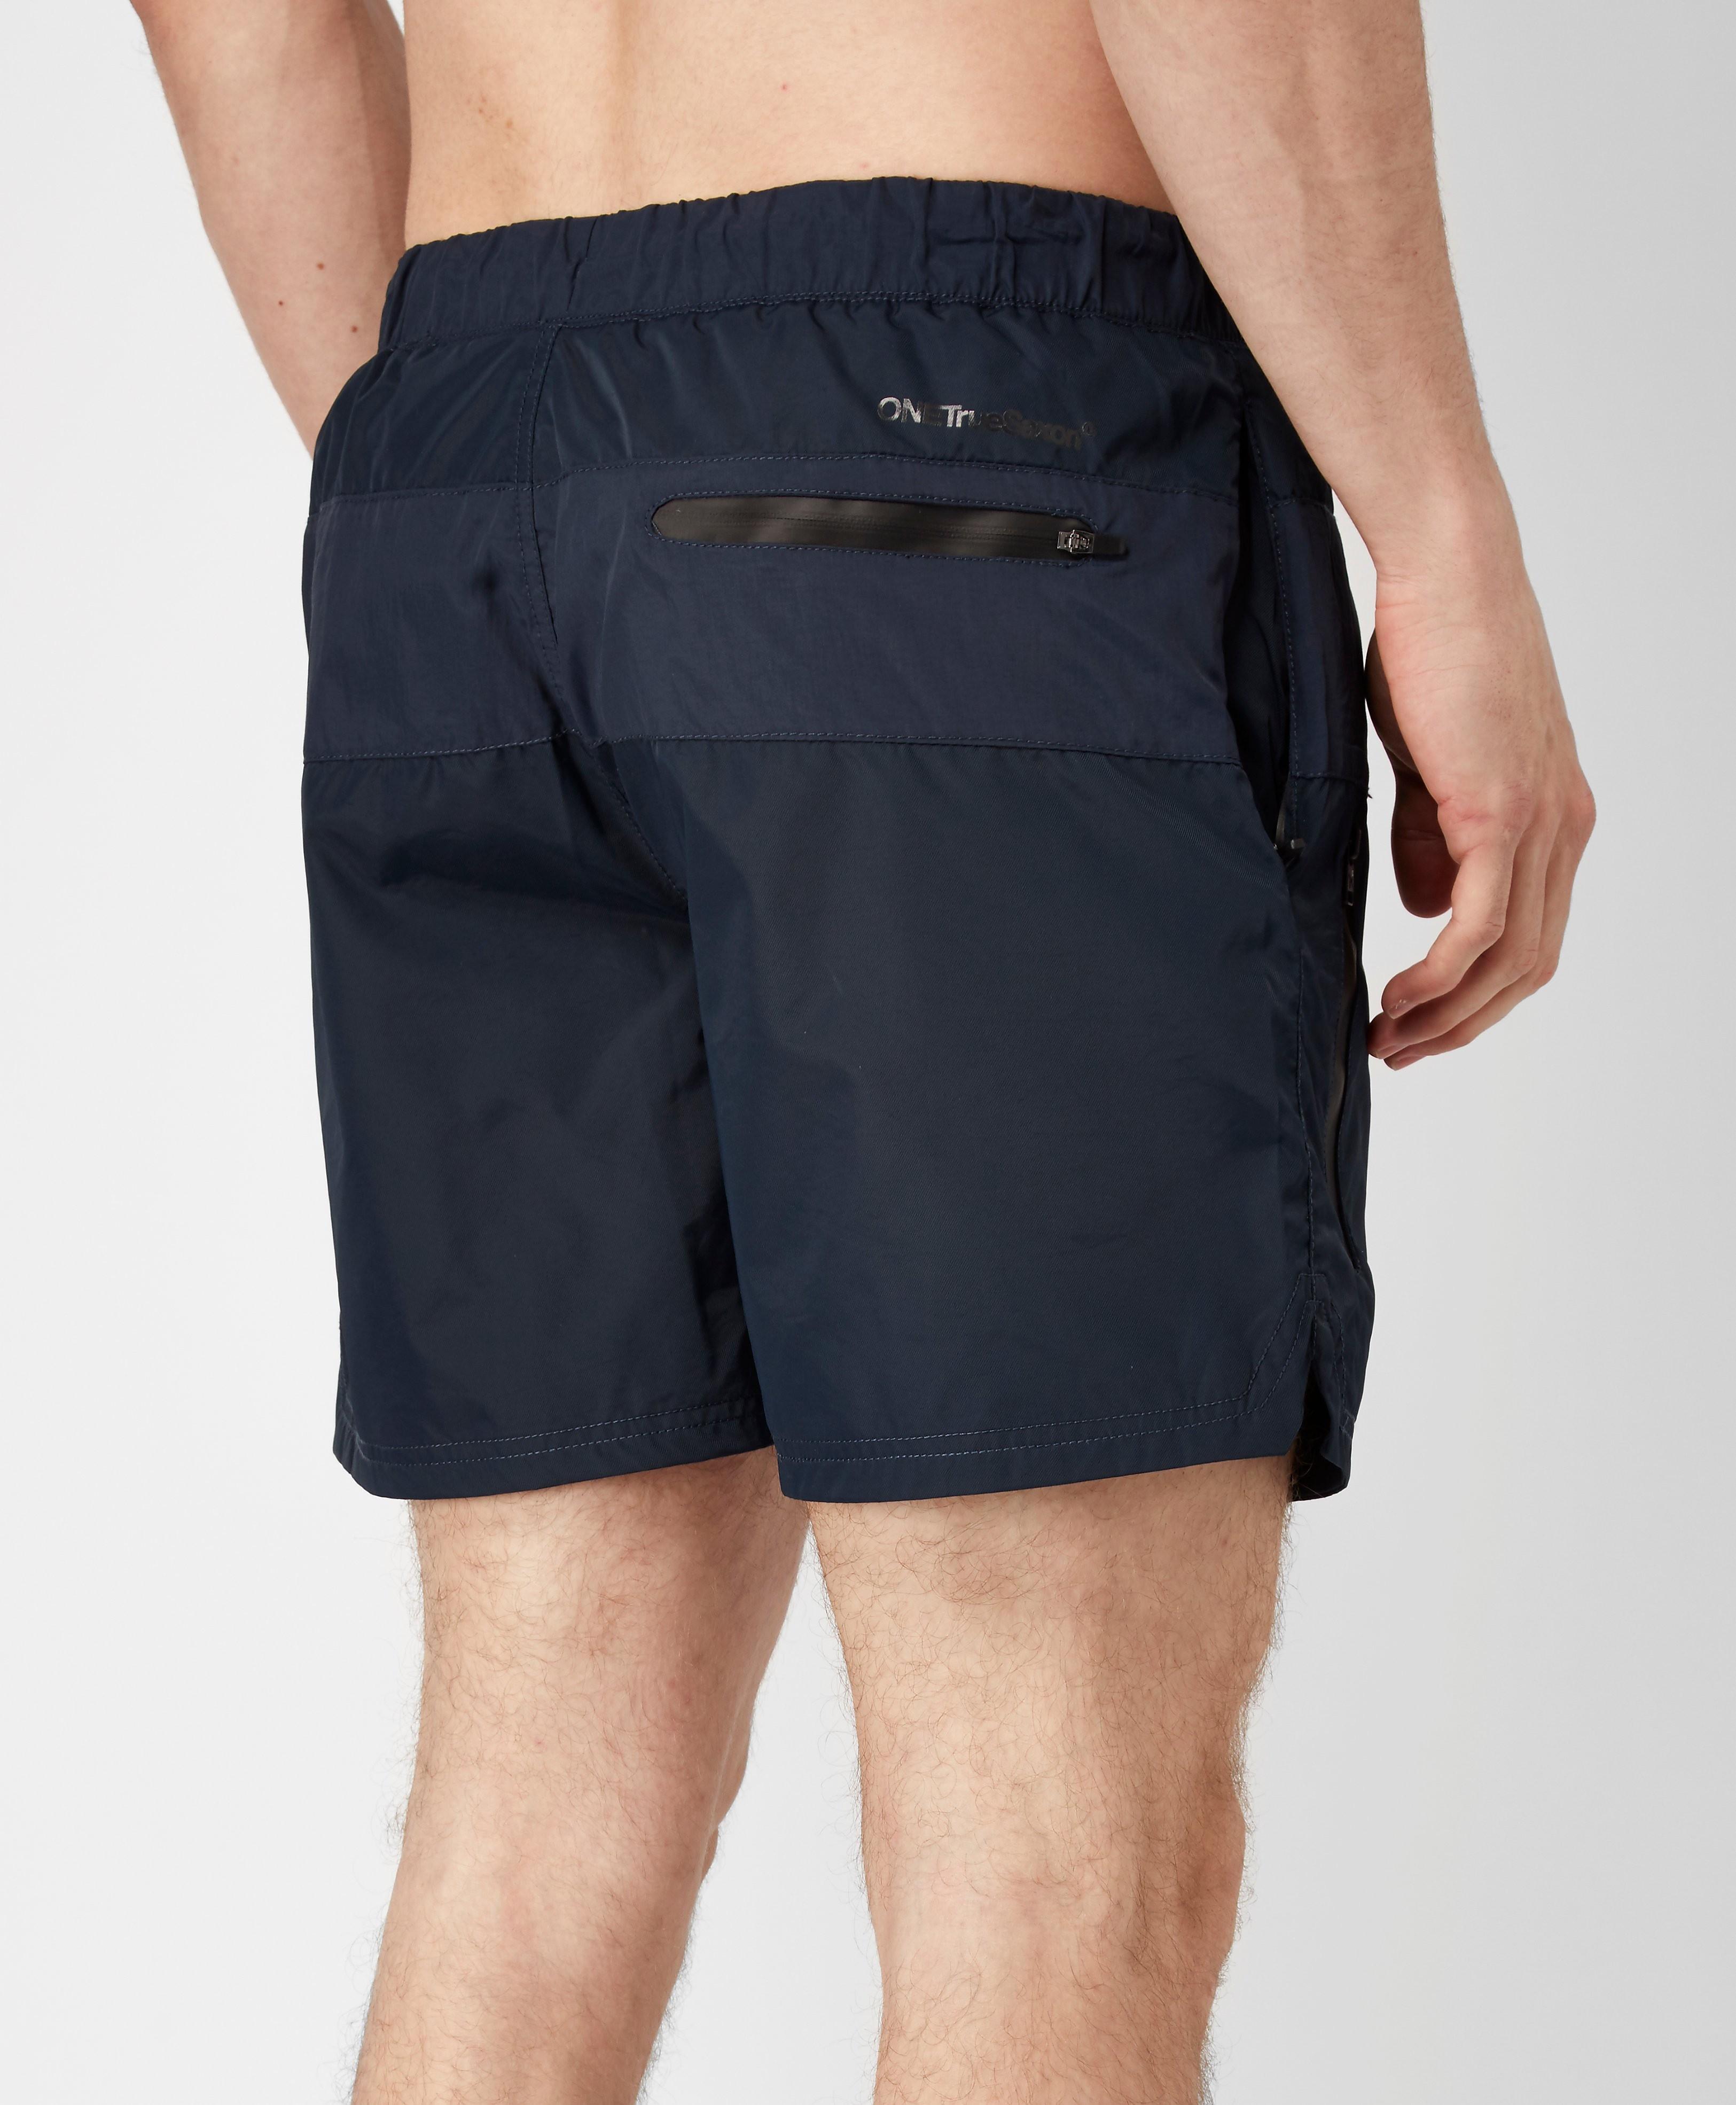 One True Saxon Falmer Swim Shorts - Exclusive